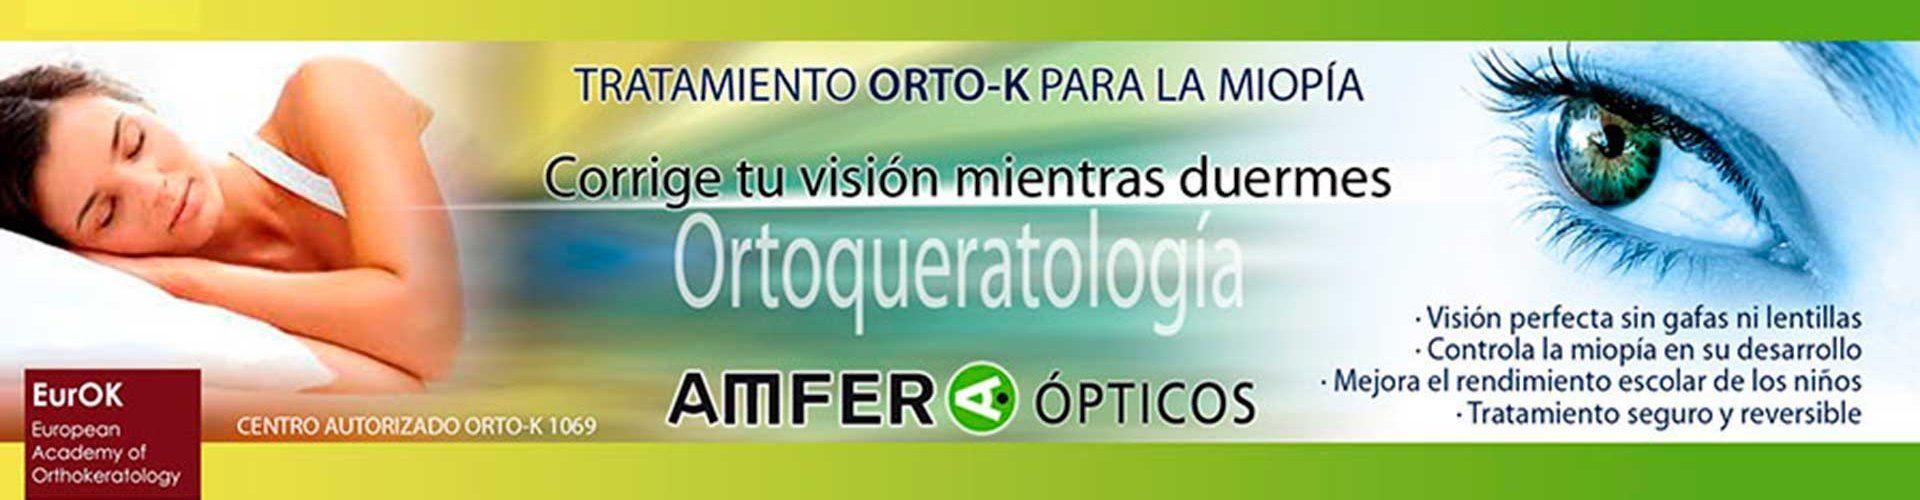 Orto K en Amfer Ópticos